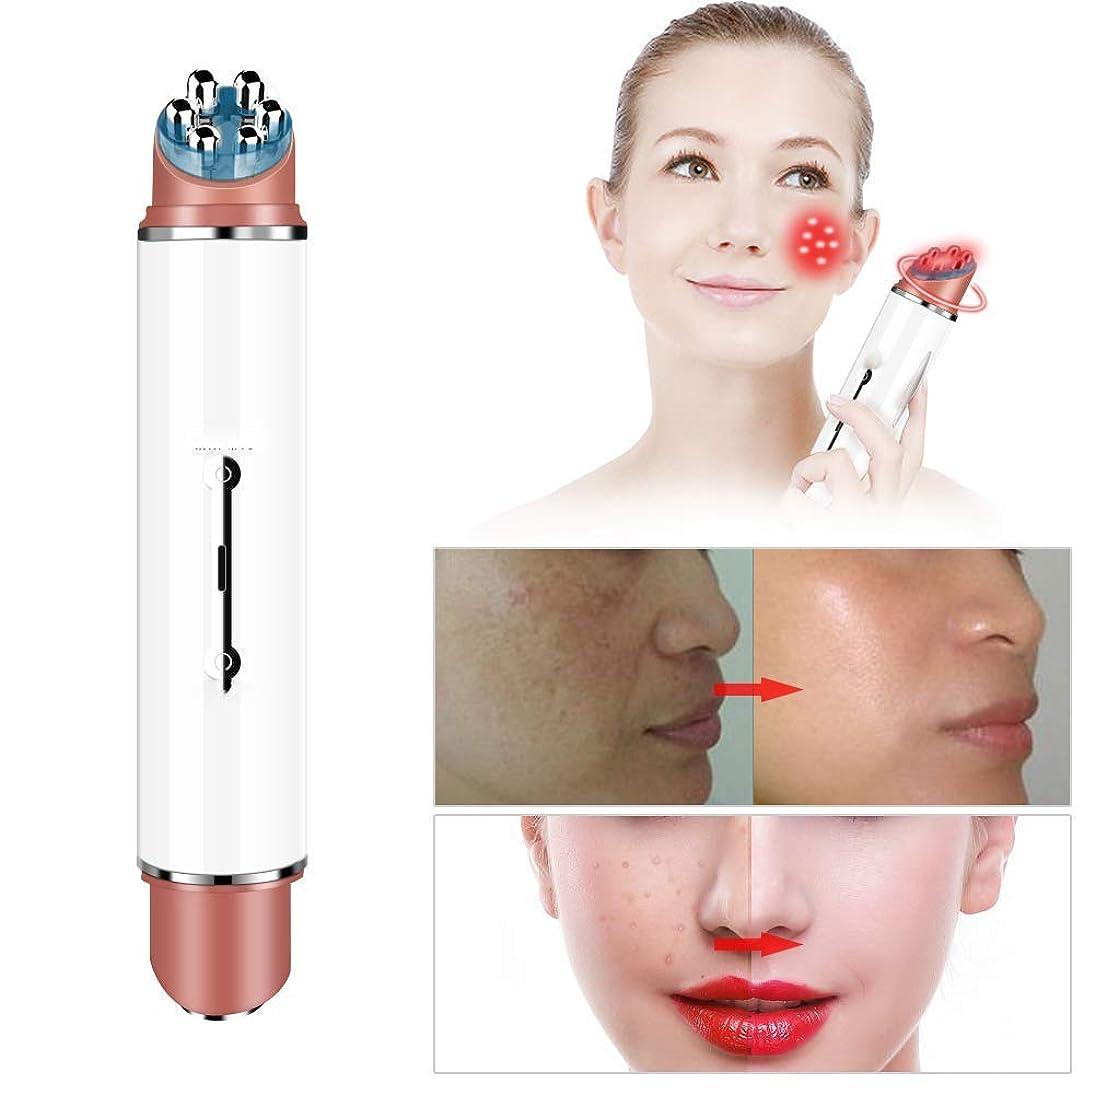 線形肌蓋43℃アイマッサージャー、電気顔アイマッサージャーペンしわダークサークルのむくみを除去EMSバイブレーション若返りアイマシン